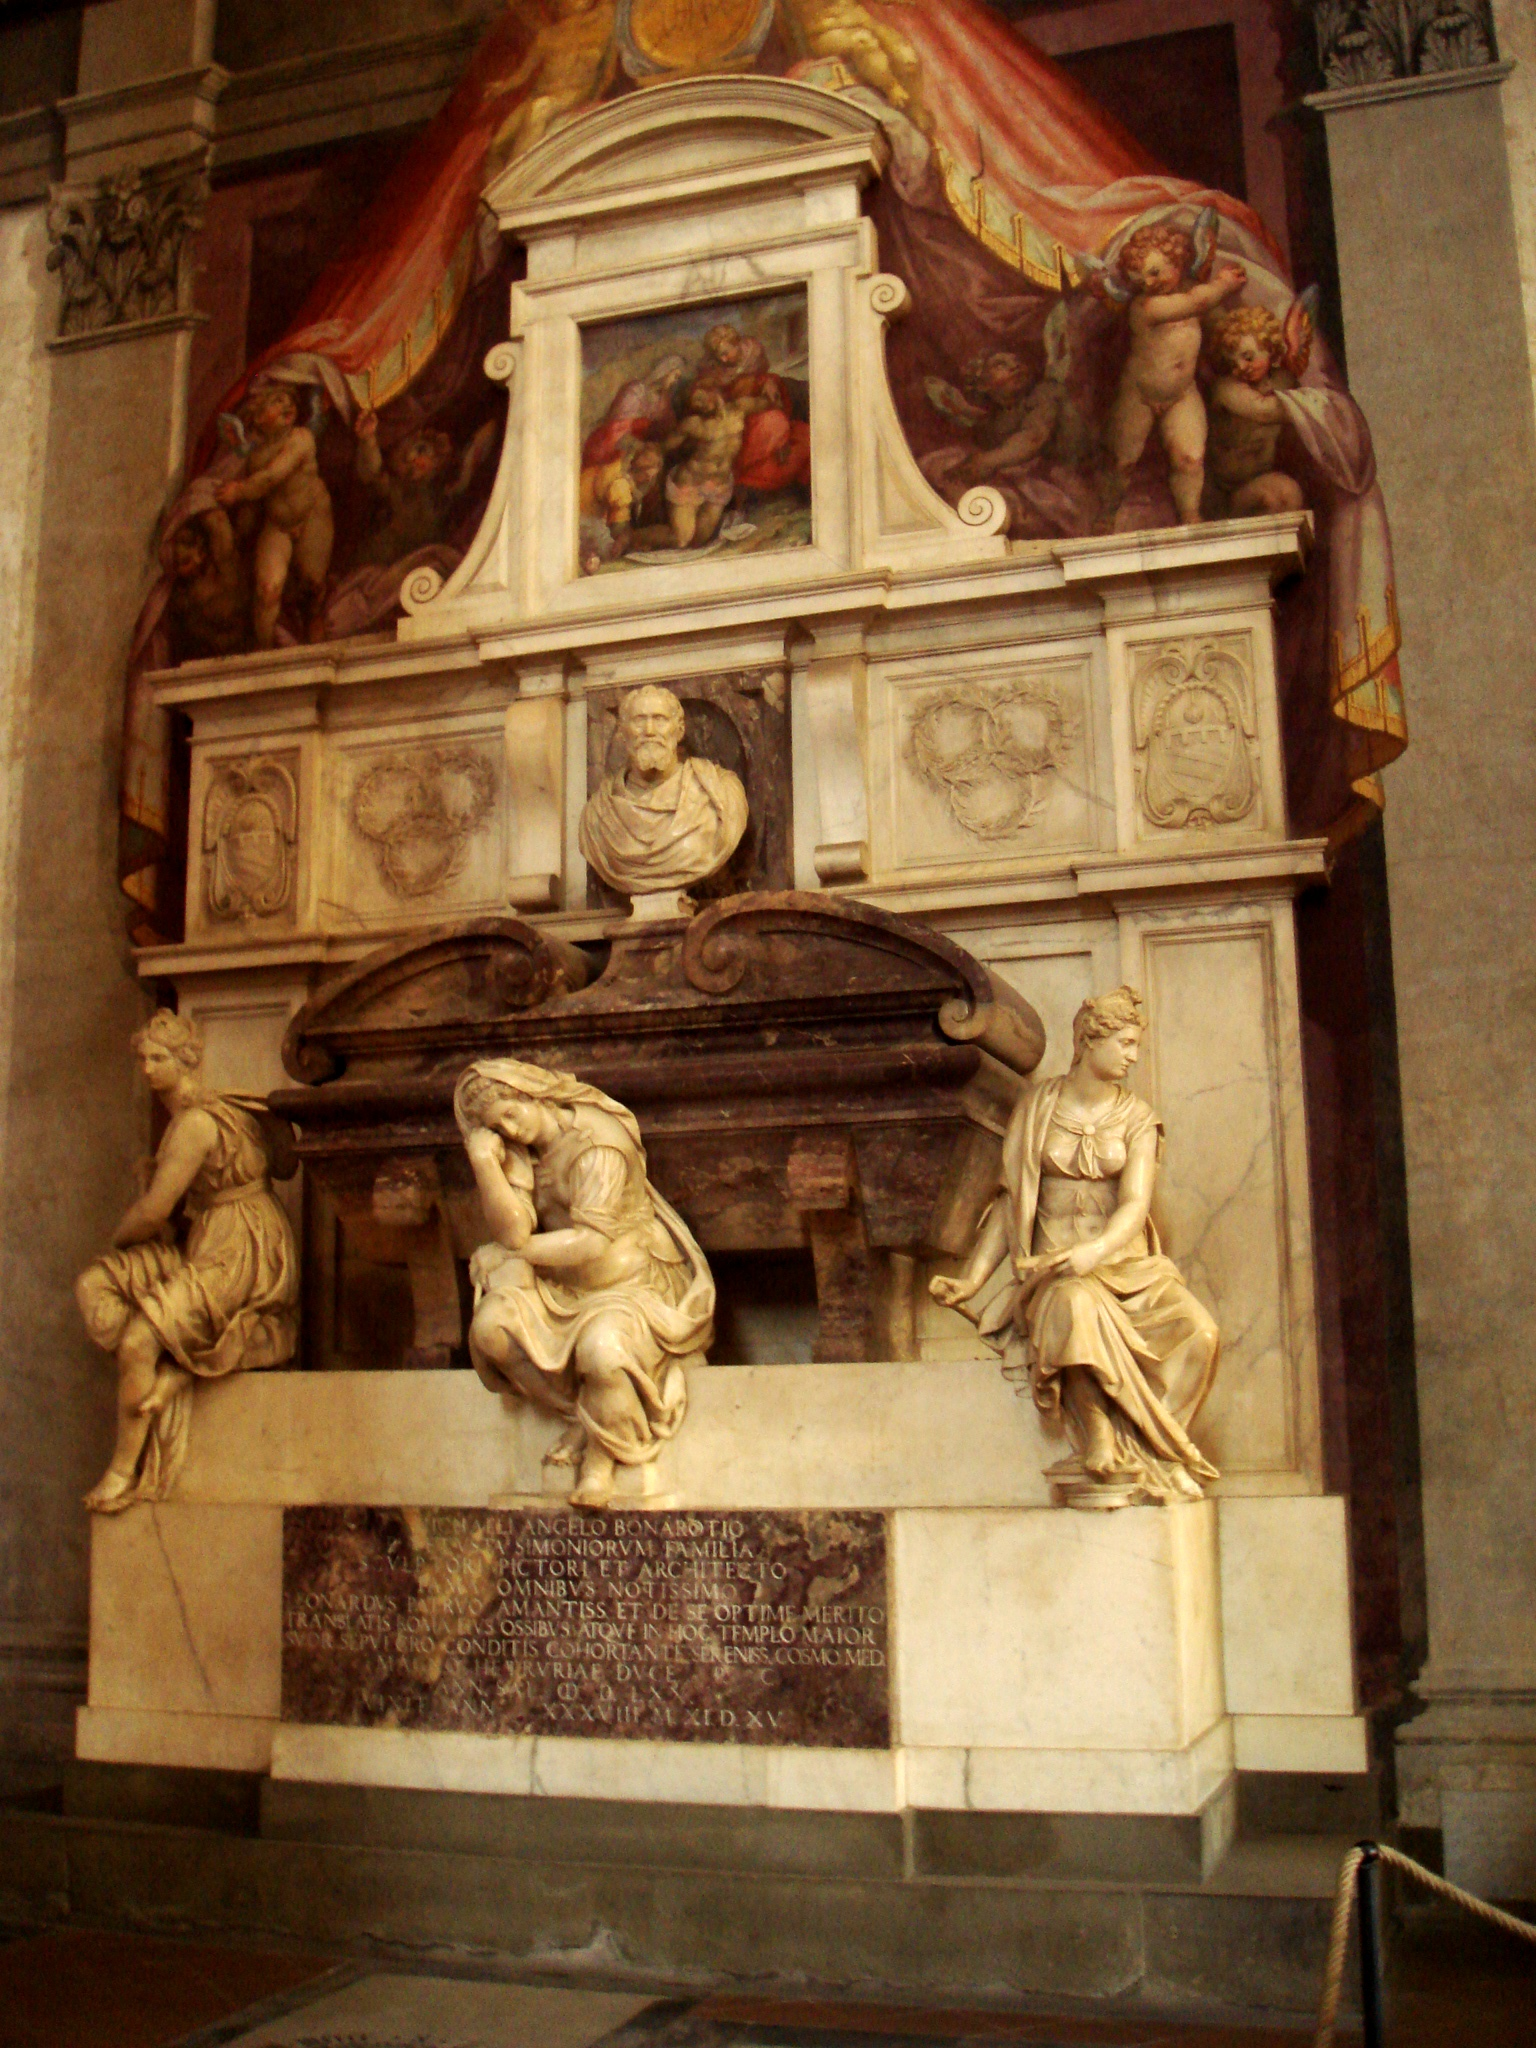 9903 - Firenze - Santa Croce - Tomba di Michelangelo - Foto Giovanni Dall'Orto, 28-Oct-2007.jpg